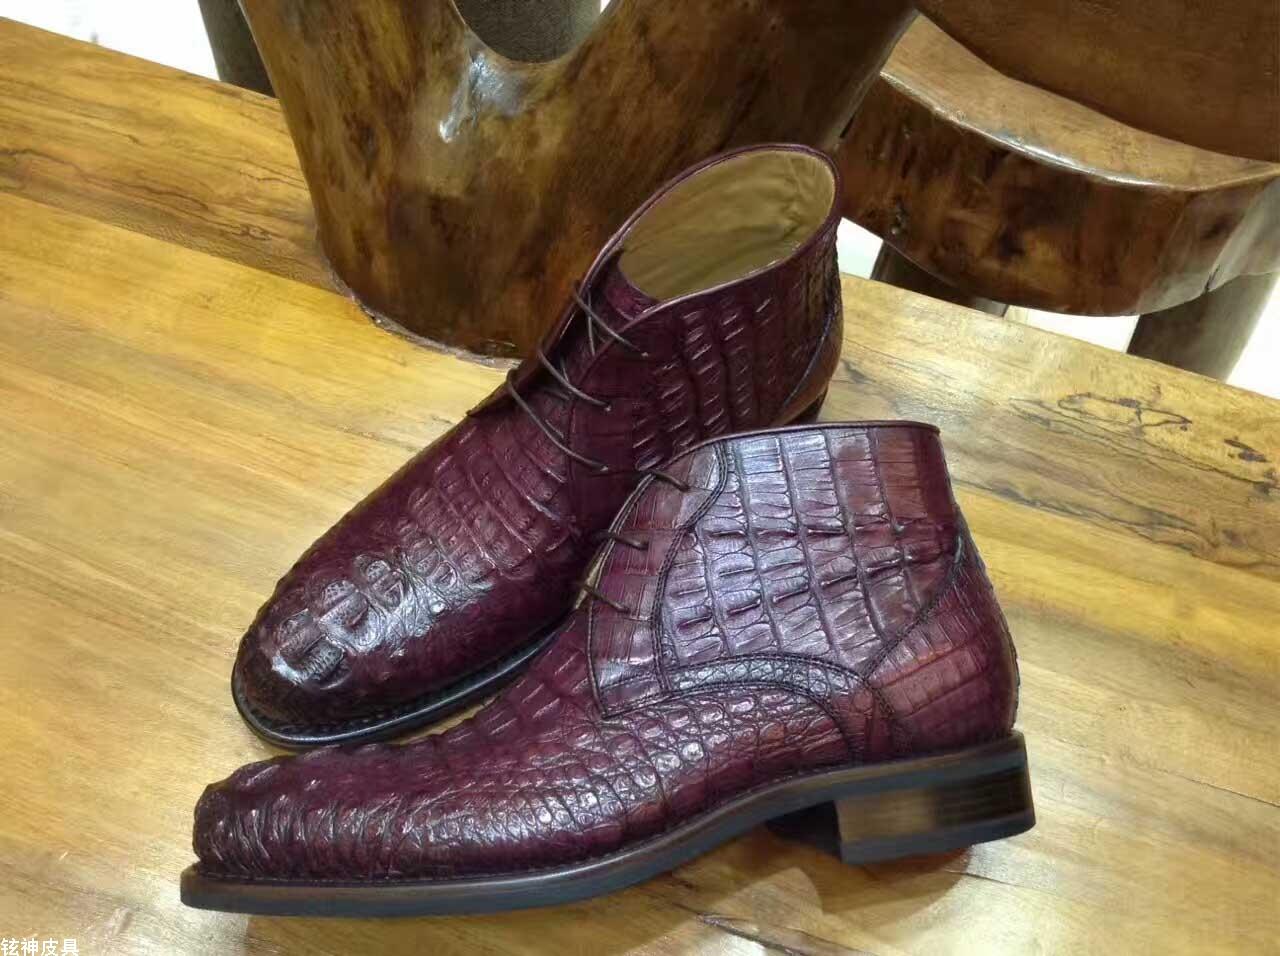 资阳市鳄鱼皮鞋专卖店